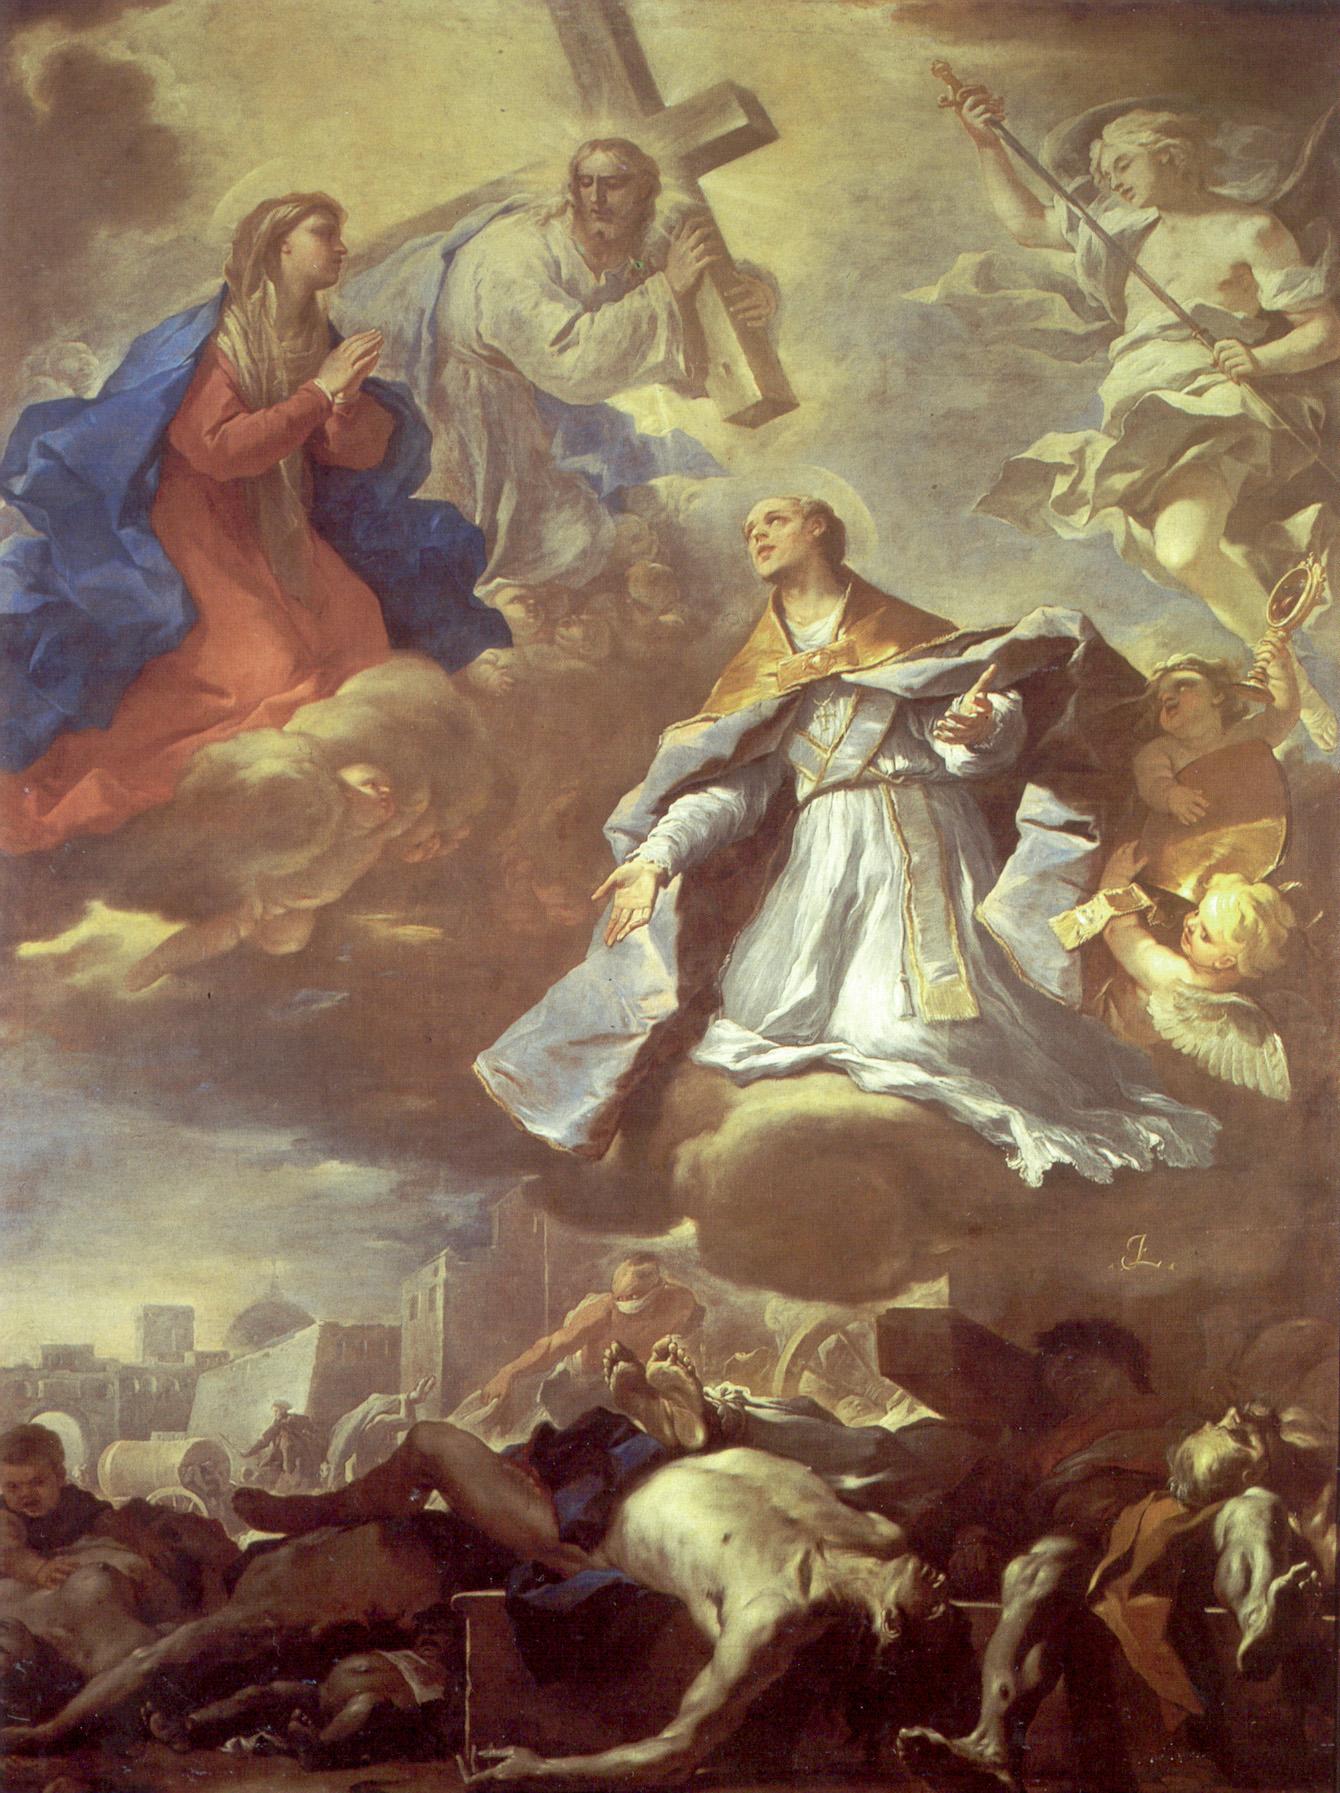 Luca Giordano, Heiliger Januarius von Neapel